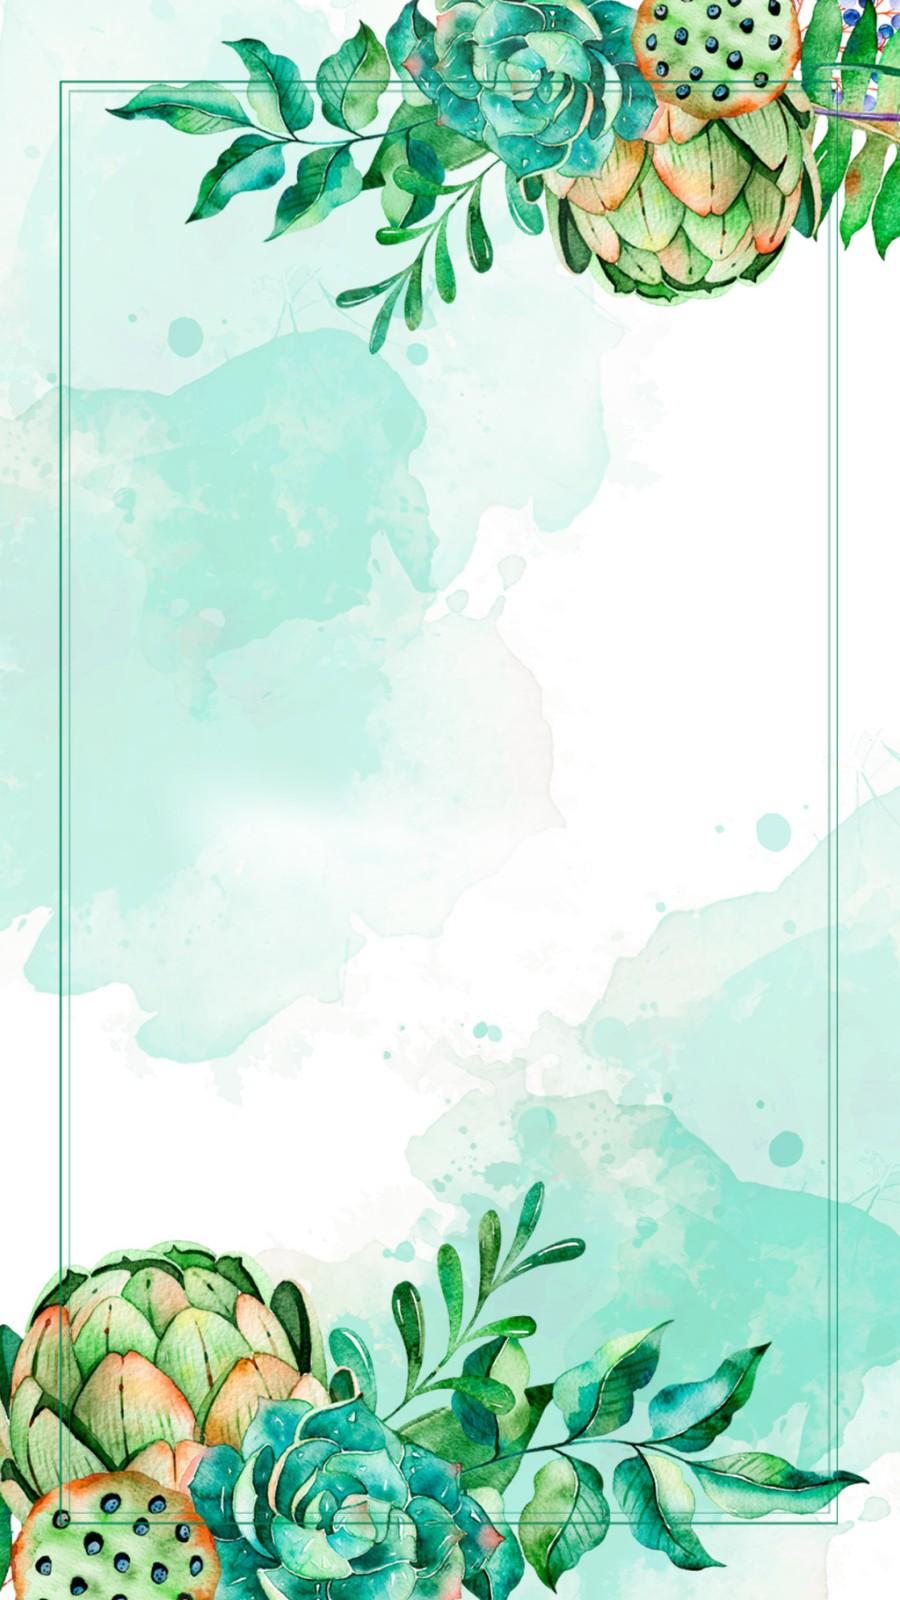 中国风水彩 清新植物春天绿色背景